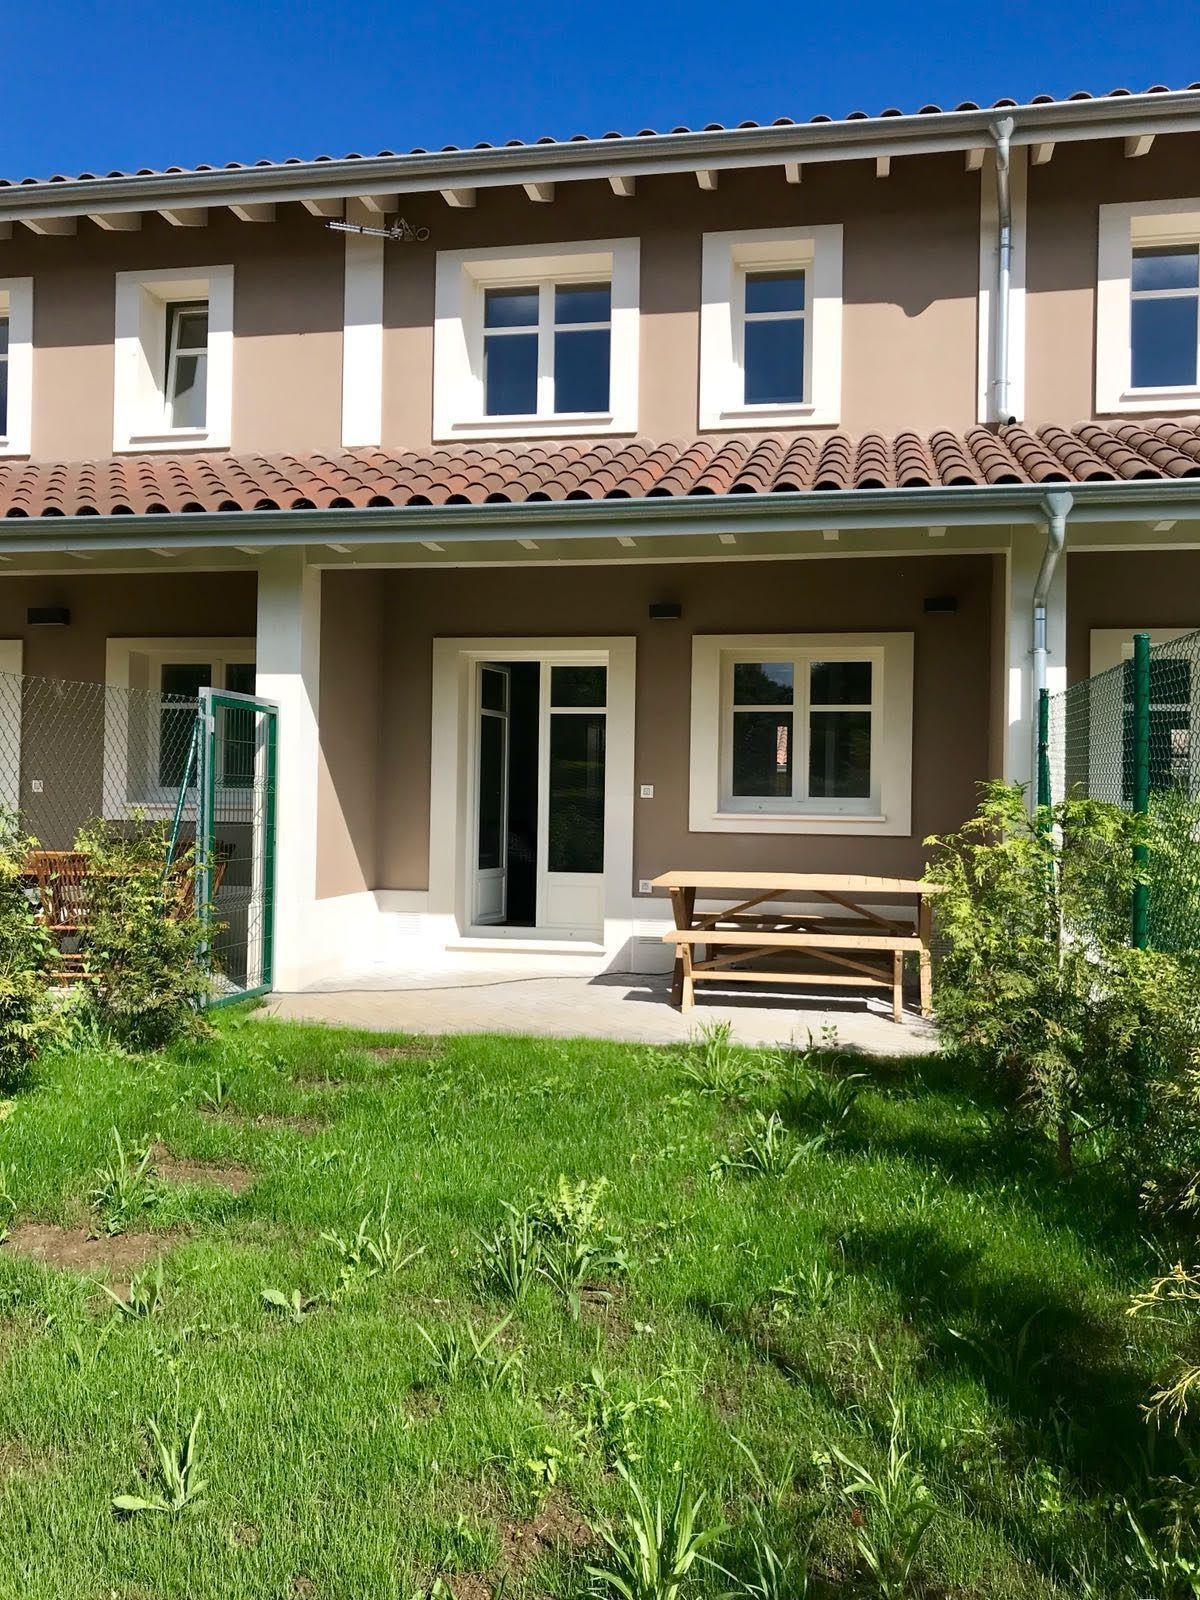 Ferienhaus für 4 Personen in Muros de Nalon,    Costa Verde